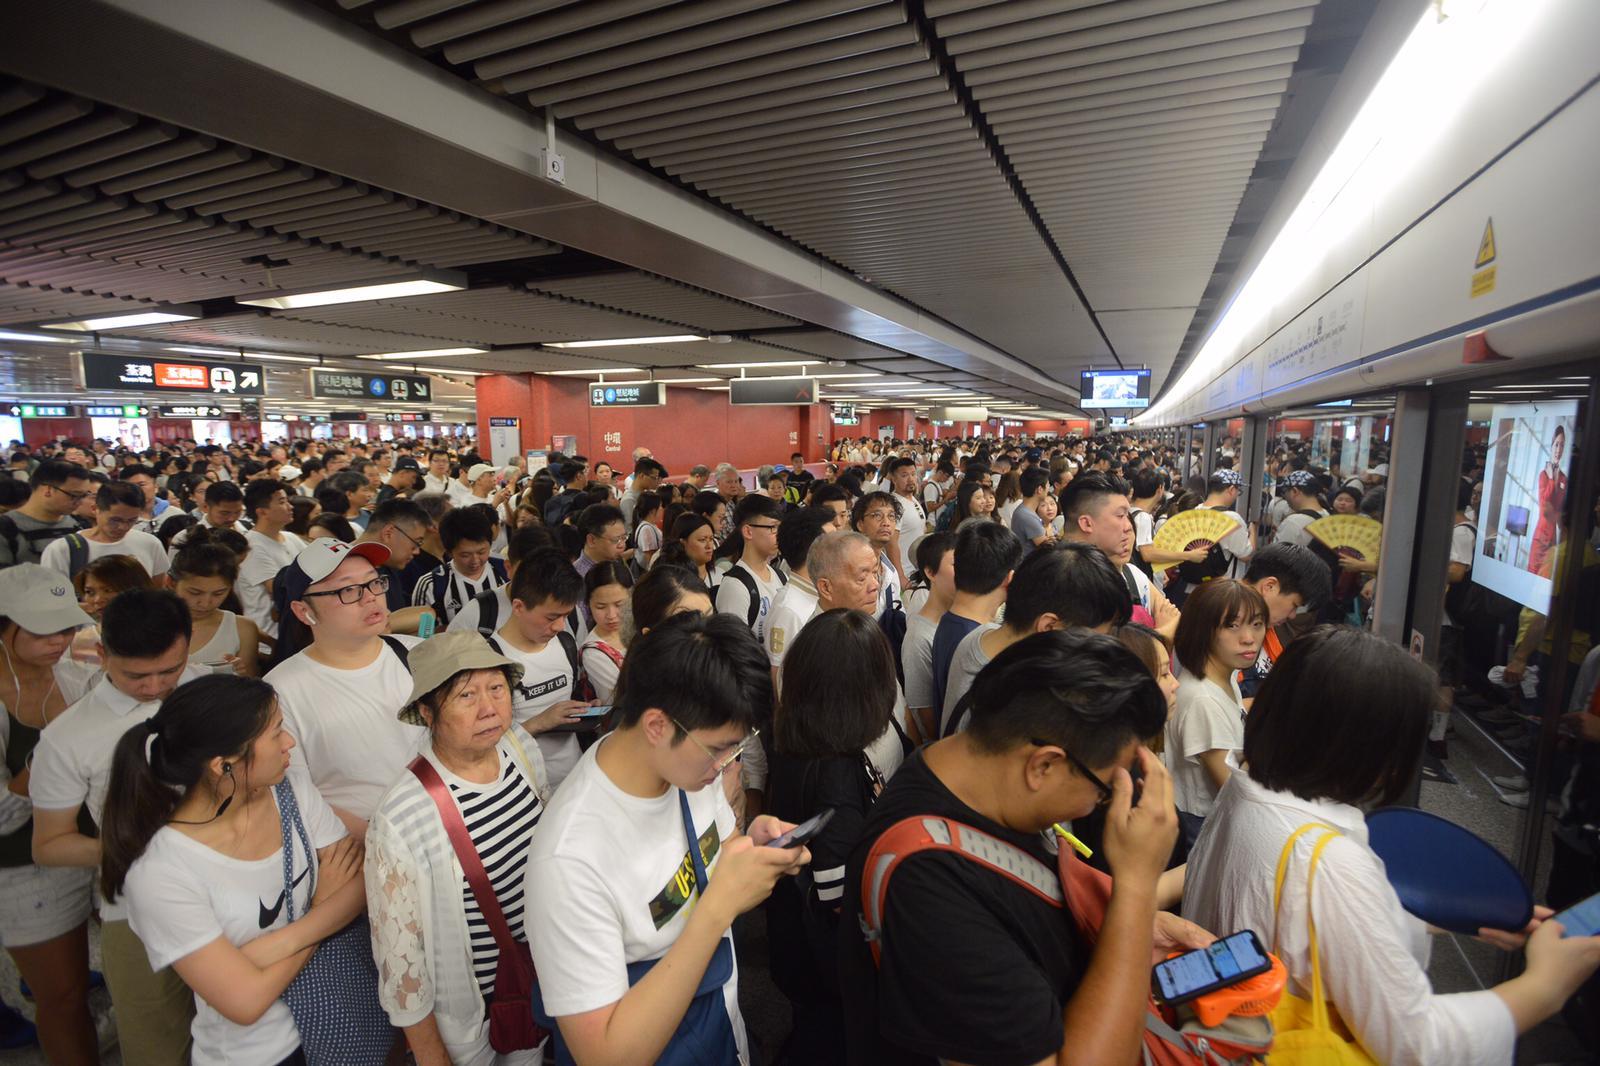 多個港鐡站都擠滿人,準備參加遊行的市民改乘其他交通工具過海。